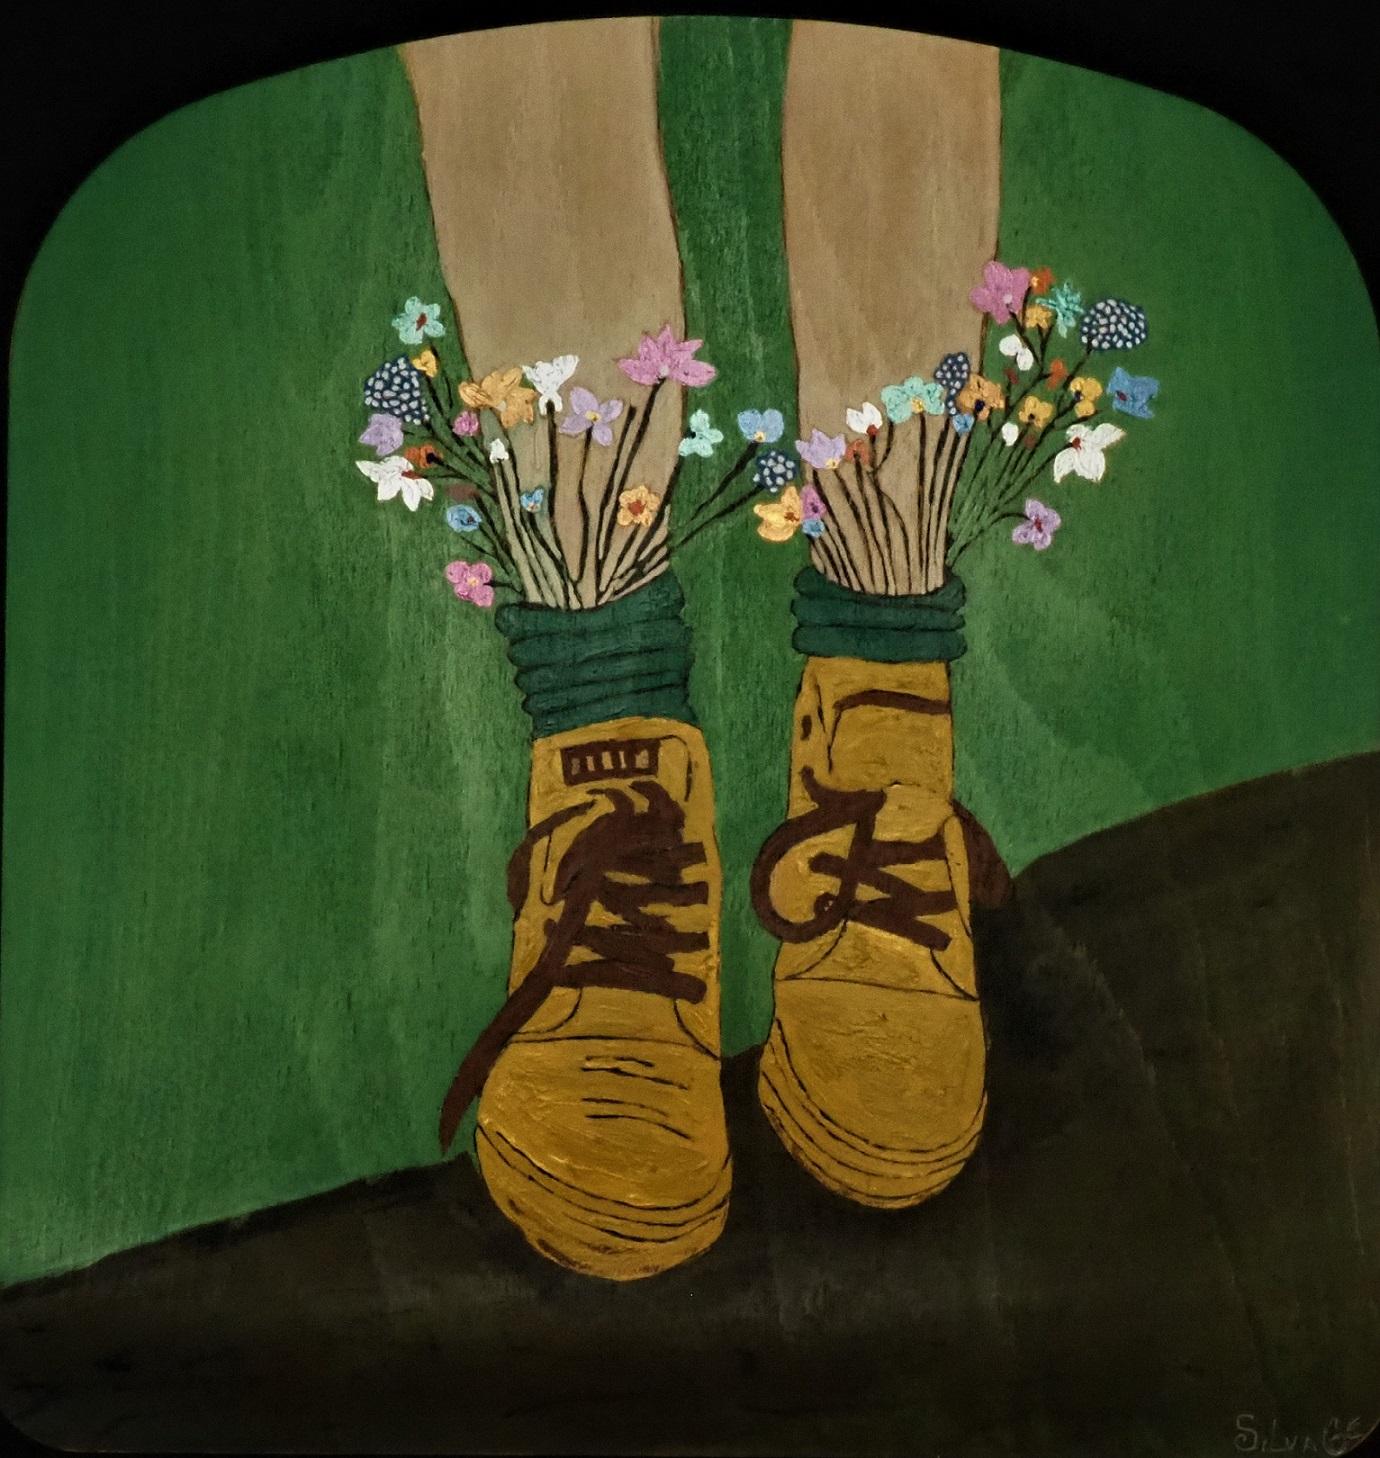 L'Angolo di Marta Lock (IE): Il Secessionismo Viennese tende la mano al Surrealismo nelle opere di S